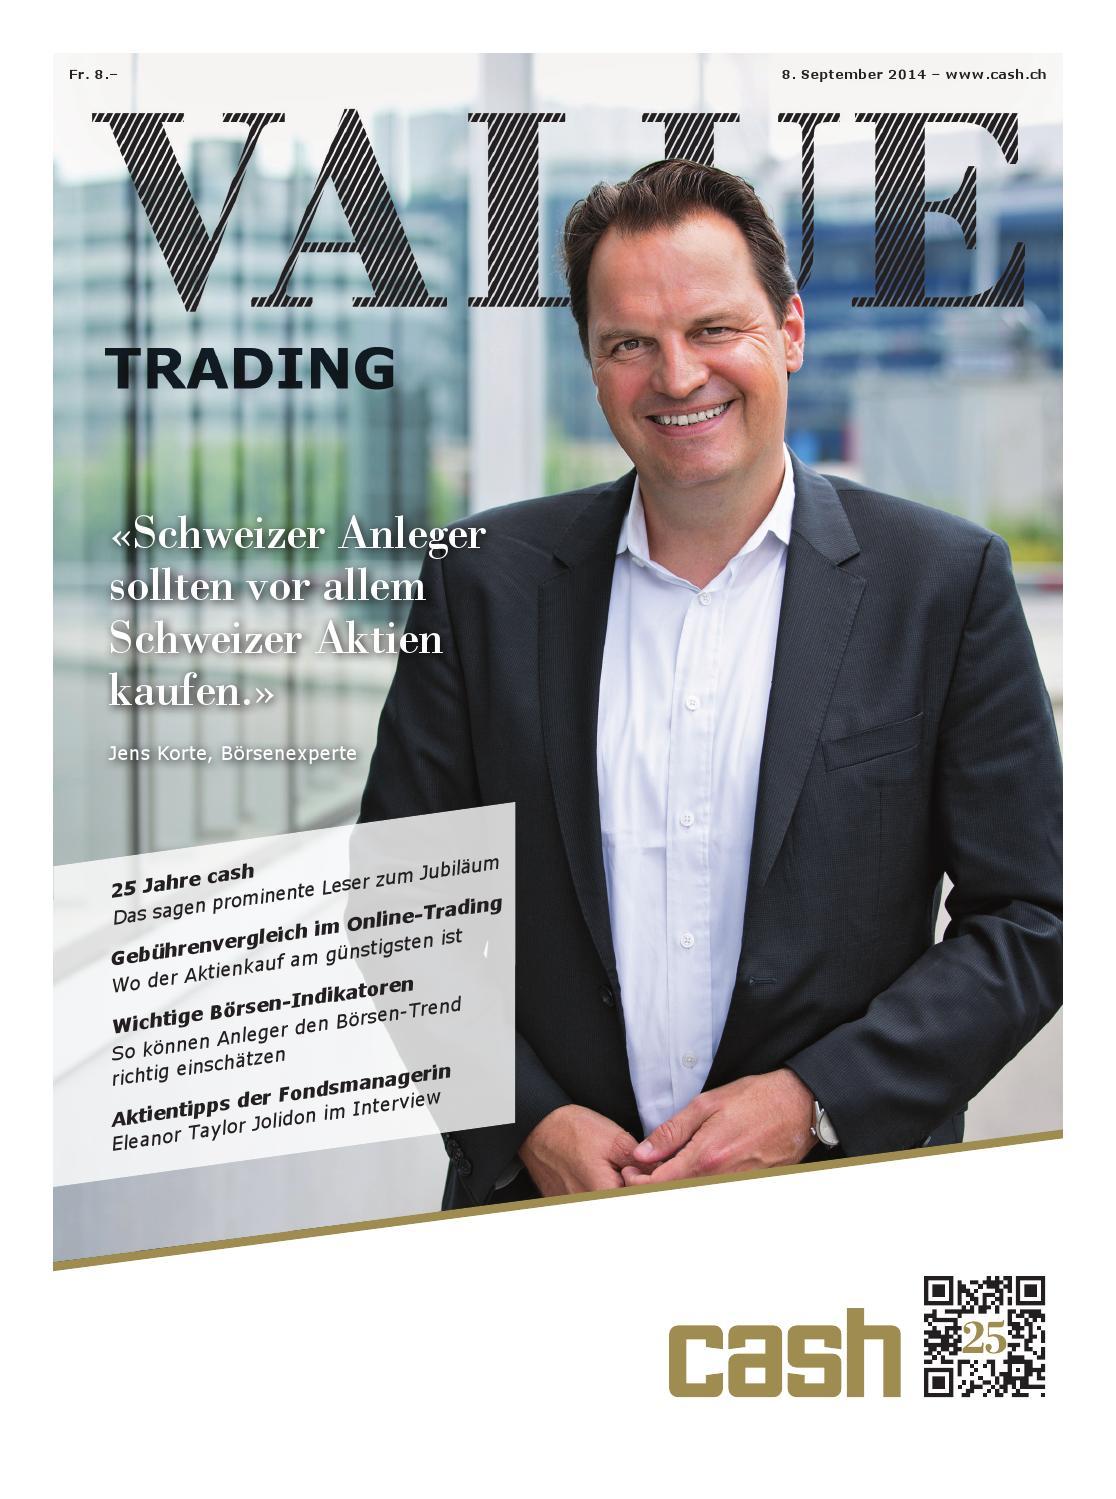 ethereum handeln schweiz no-gos beim aktienhandel erfolgreich online traden